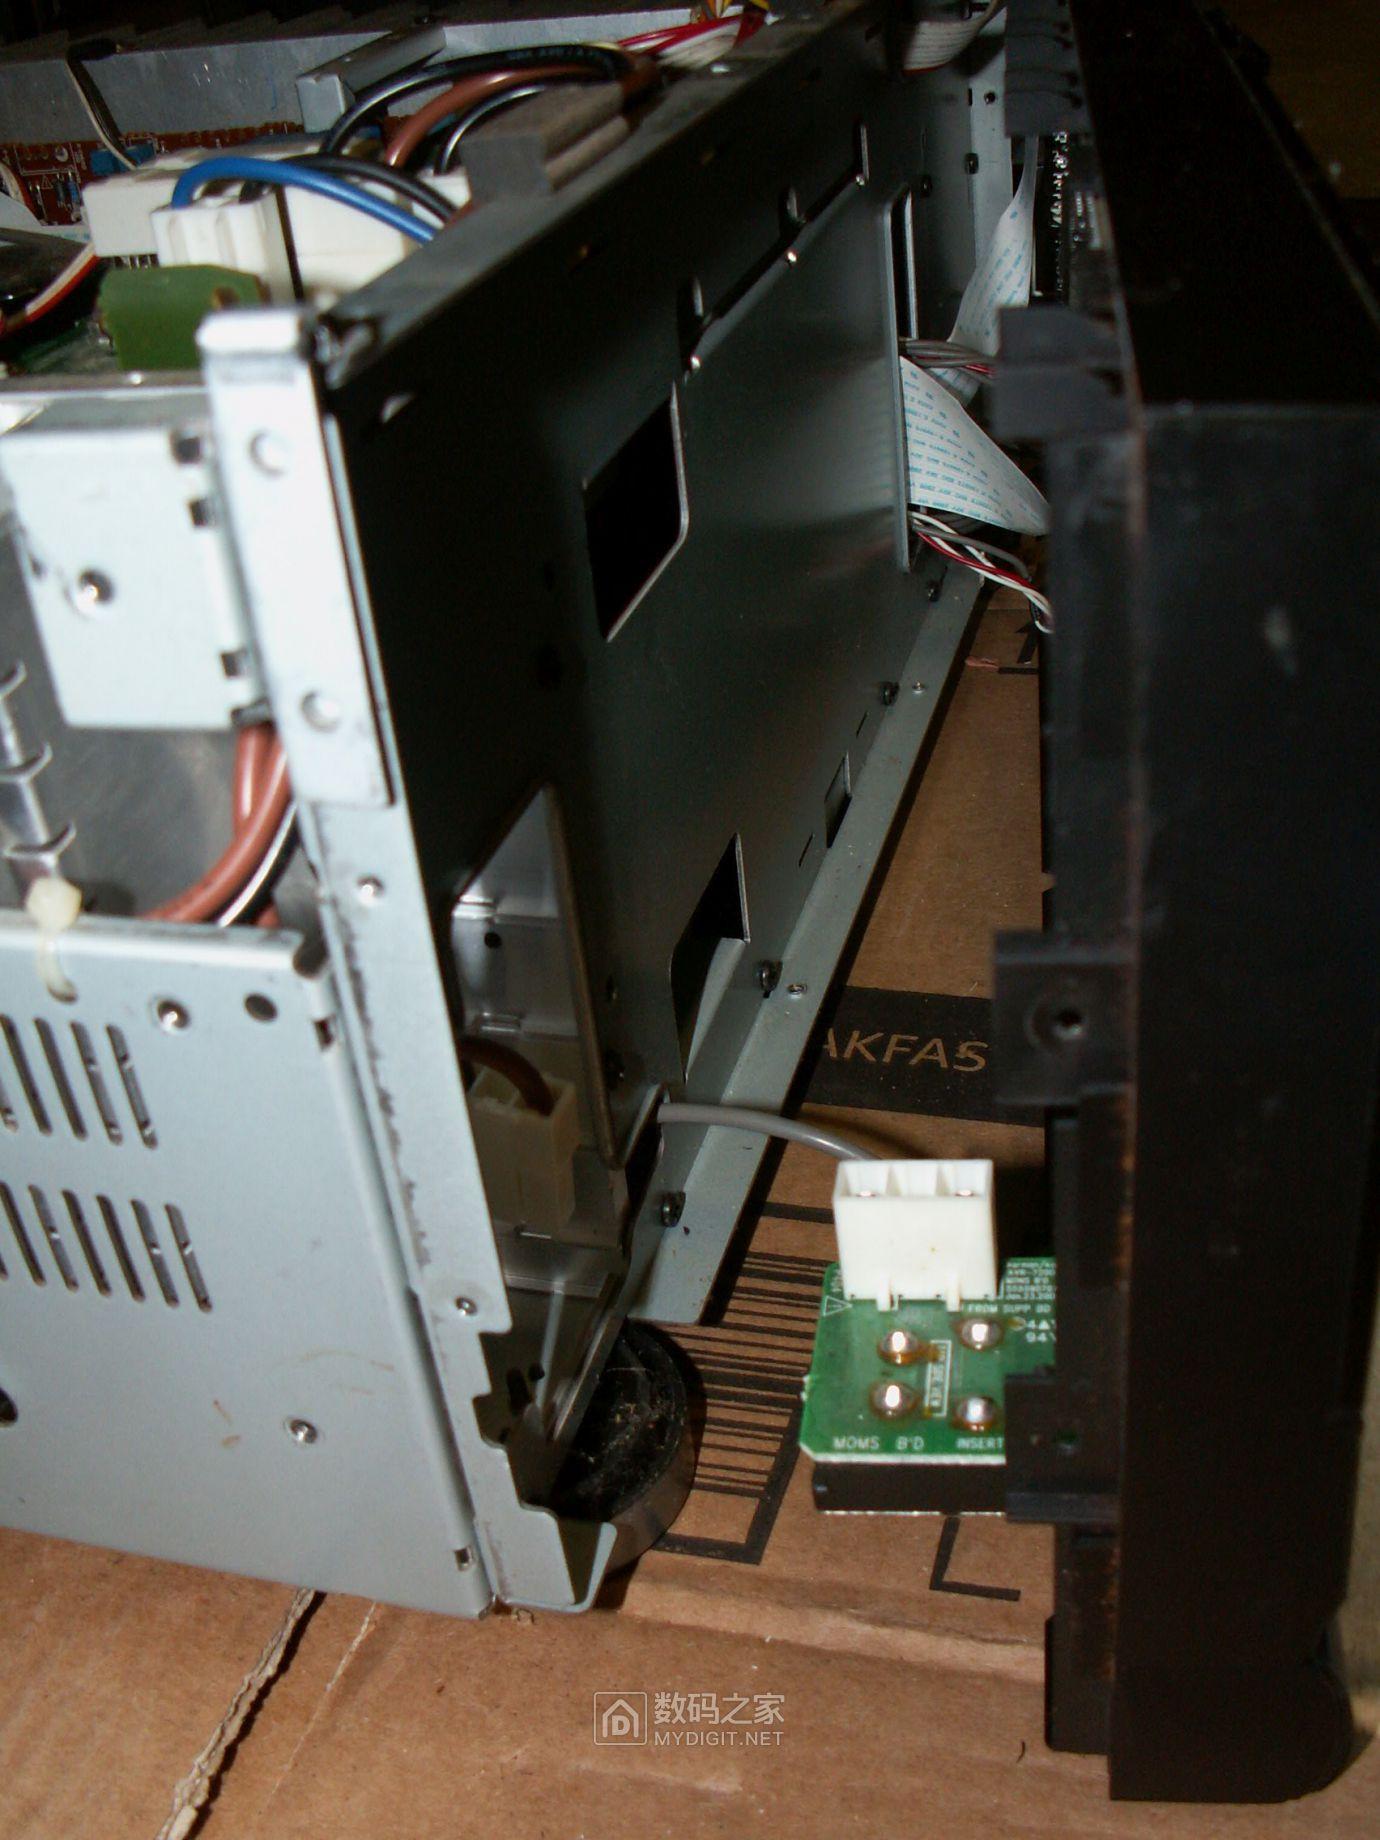 【热点】维修利利普OWON-SDS8102V示波器旋钮失灵,拆机更换全部编码器 数码拆机百科 第38张